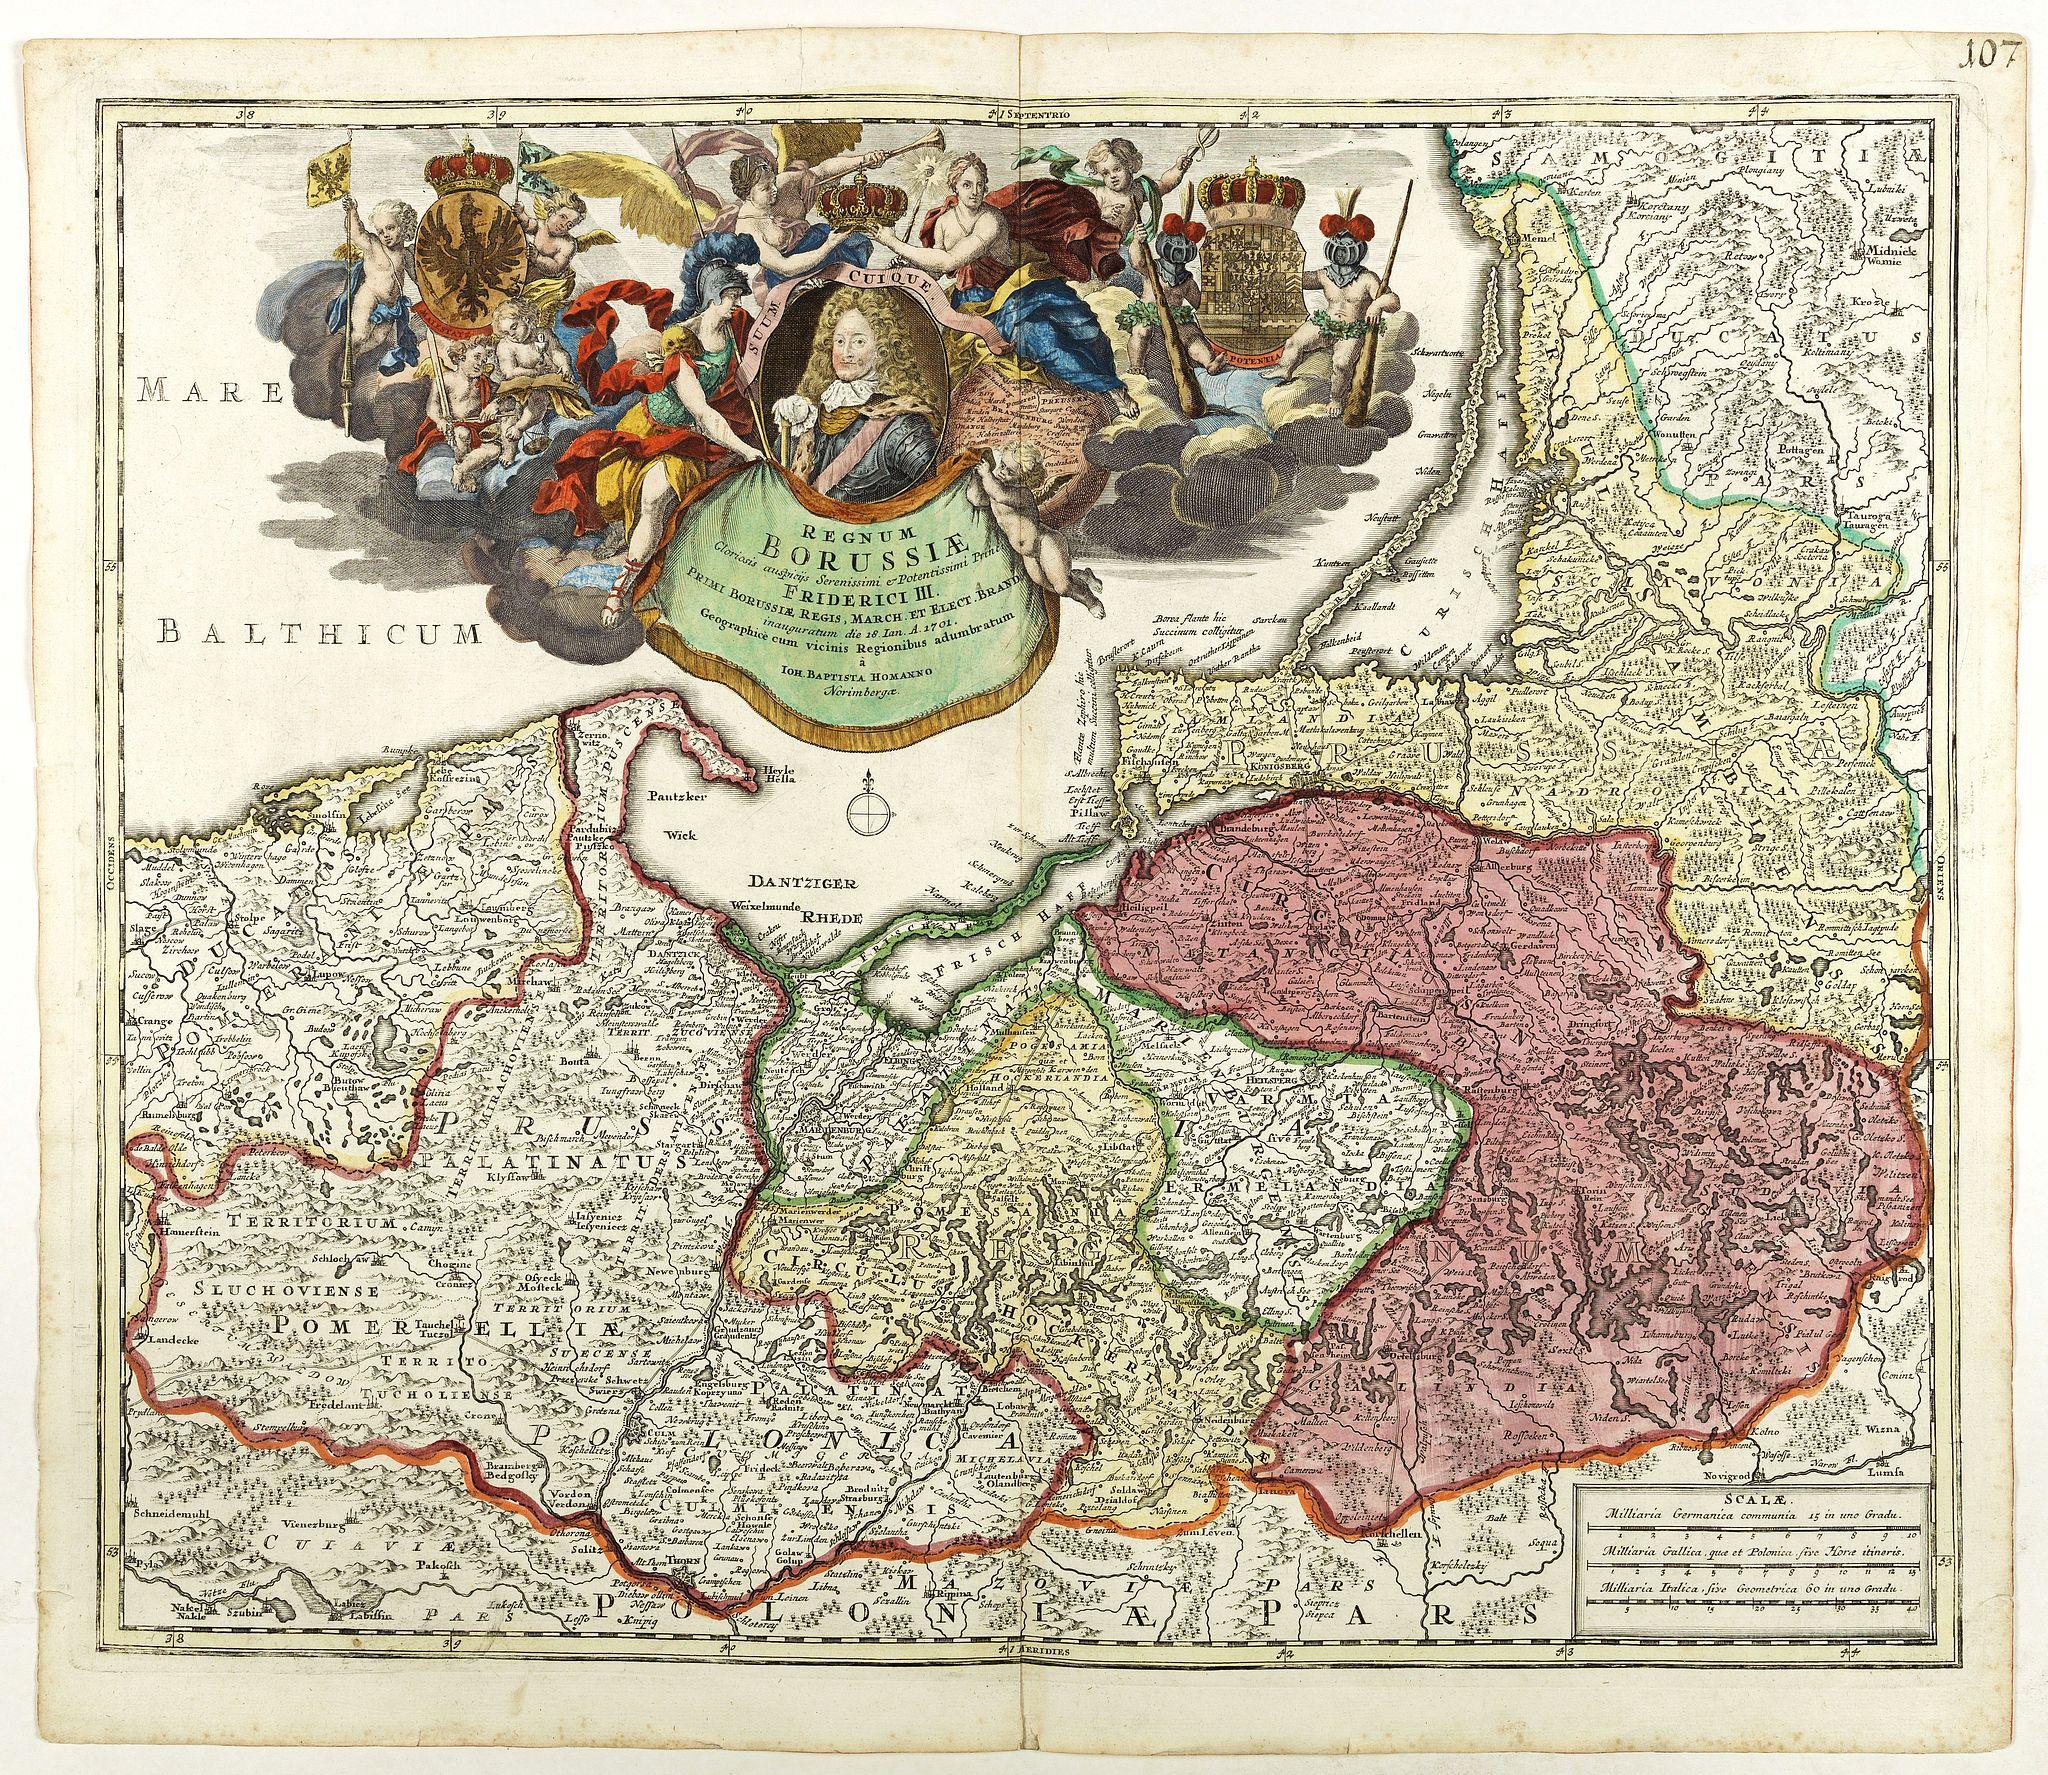 HOMANN, J.B. - Regnum Borussiae gloriosis auspiciis serenissimi et potentissimi princip. Friderici III primi Borussiae regis march. et elect. Brandenburg inauguratum die 18 Jan…1701.